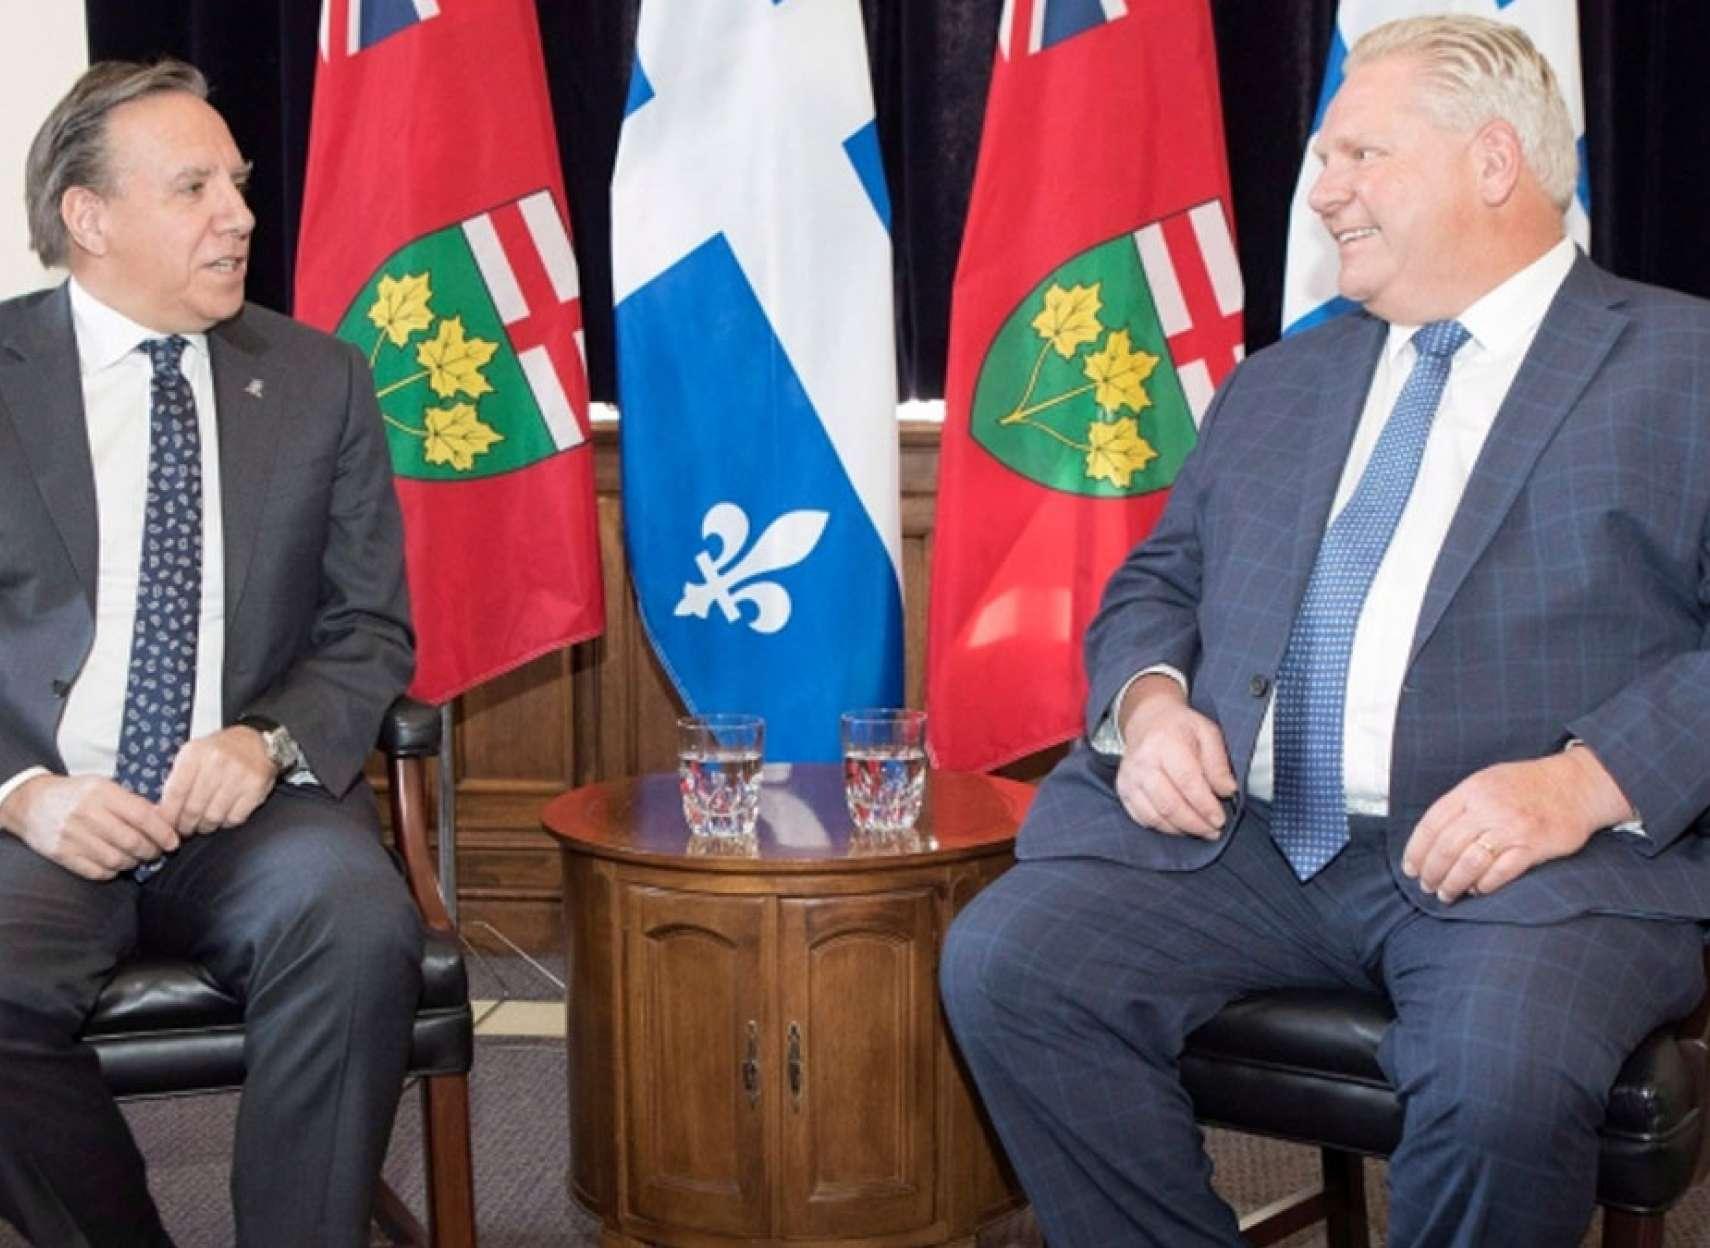 اخبار-کانادا-بازگشت-کرونا-ده-هزار-دلار-جریمه-و-اجتماعات-کمتر-از-۱۰-تا-۲۵-نفر-در-انتاریو-و-محدودیت-فروش-مشروب-در-کبک